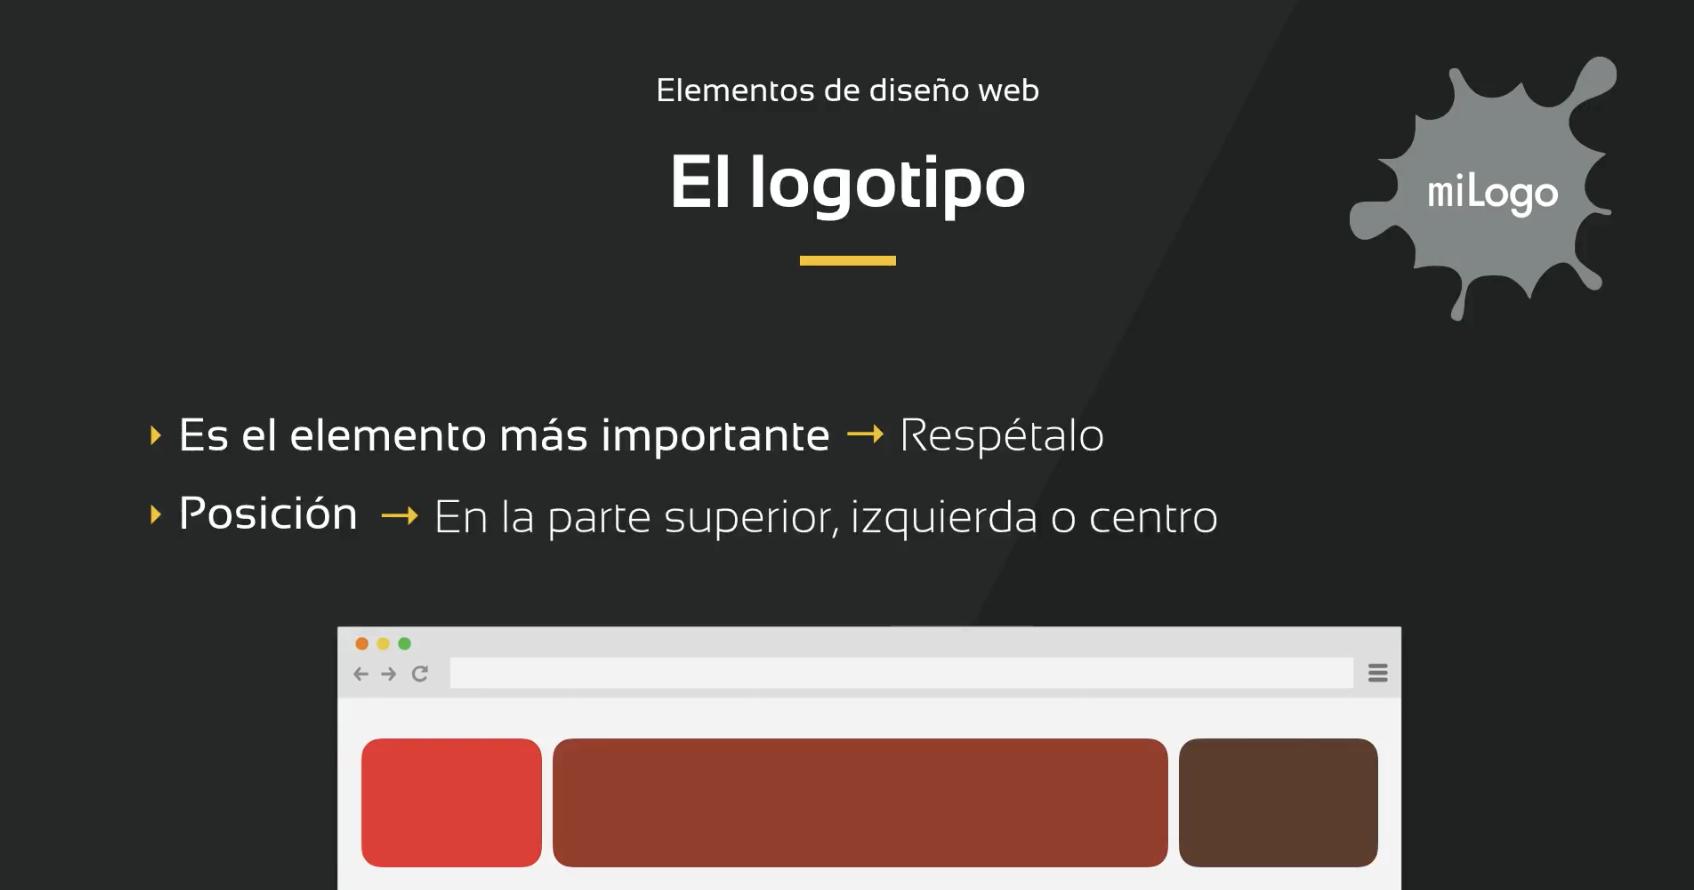 Diapositiva que incluye diversas directrices sobre donde posicionar el logo en una página web